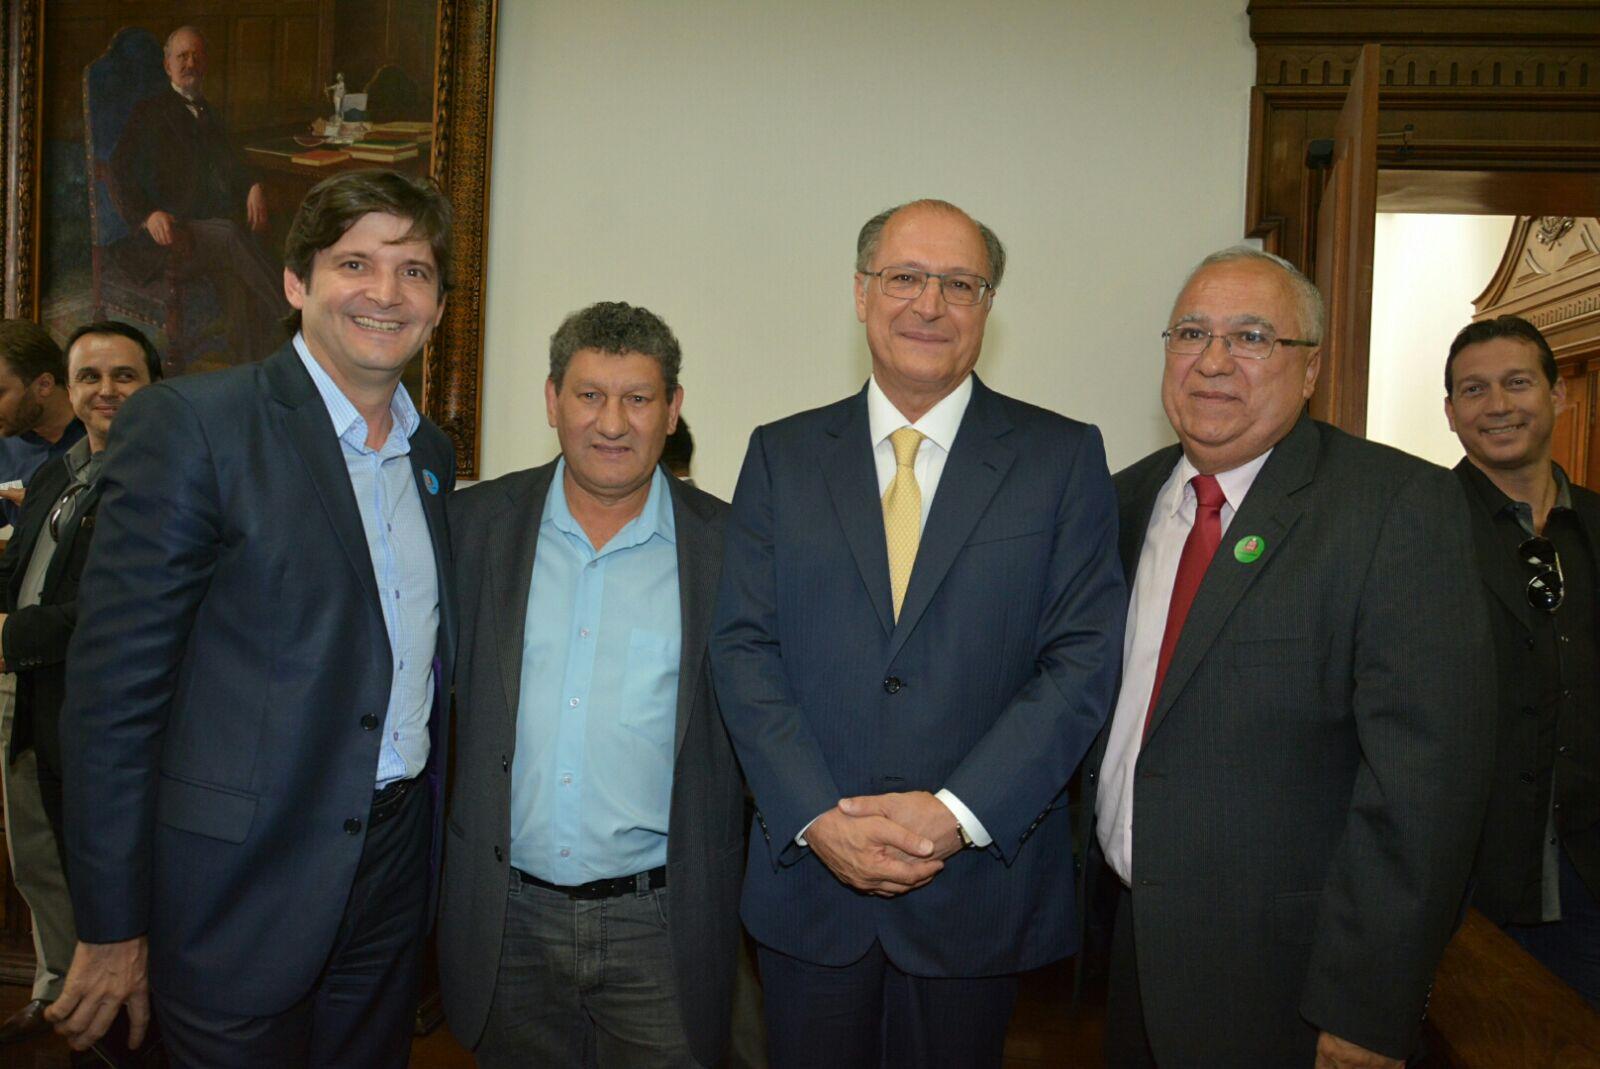 Deputado André do Prado com o prefeito uvenil Cirelli, e o companheiro partidário e vereador José Solano da Silva – Zezinho Cabeleireiro, junto com o governador Geraldo Alckmin